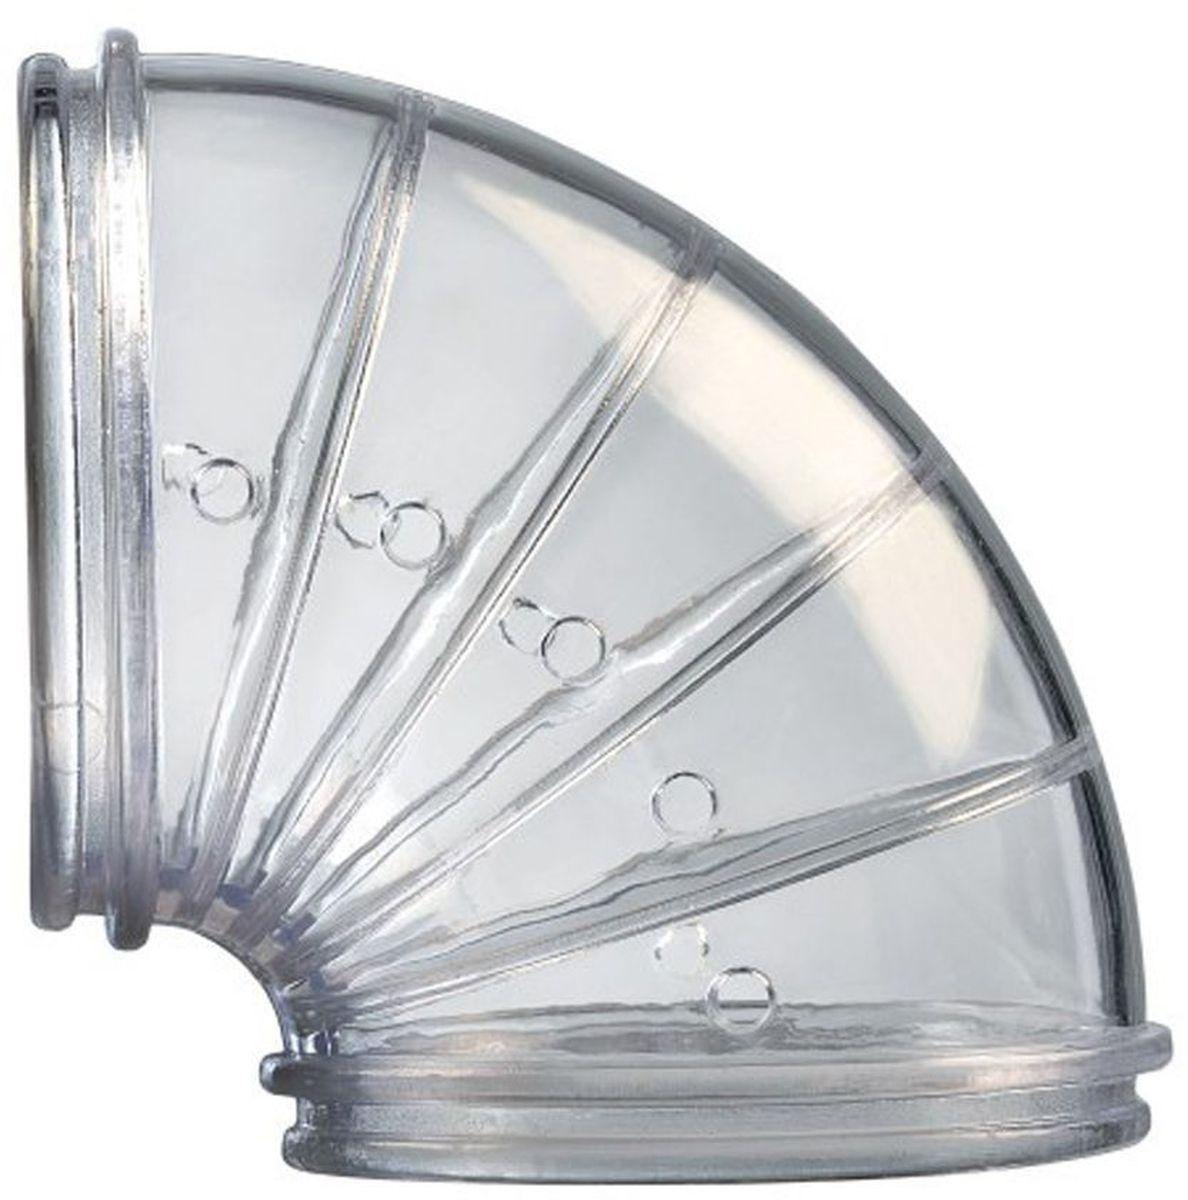 Угловые тоннели Rody, 2 шт., цвет: прозрачный205883Угловой тоннель для клеток Zolux. В упаковке 2 штуки.